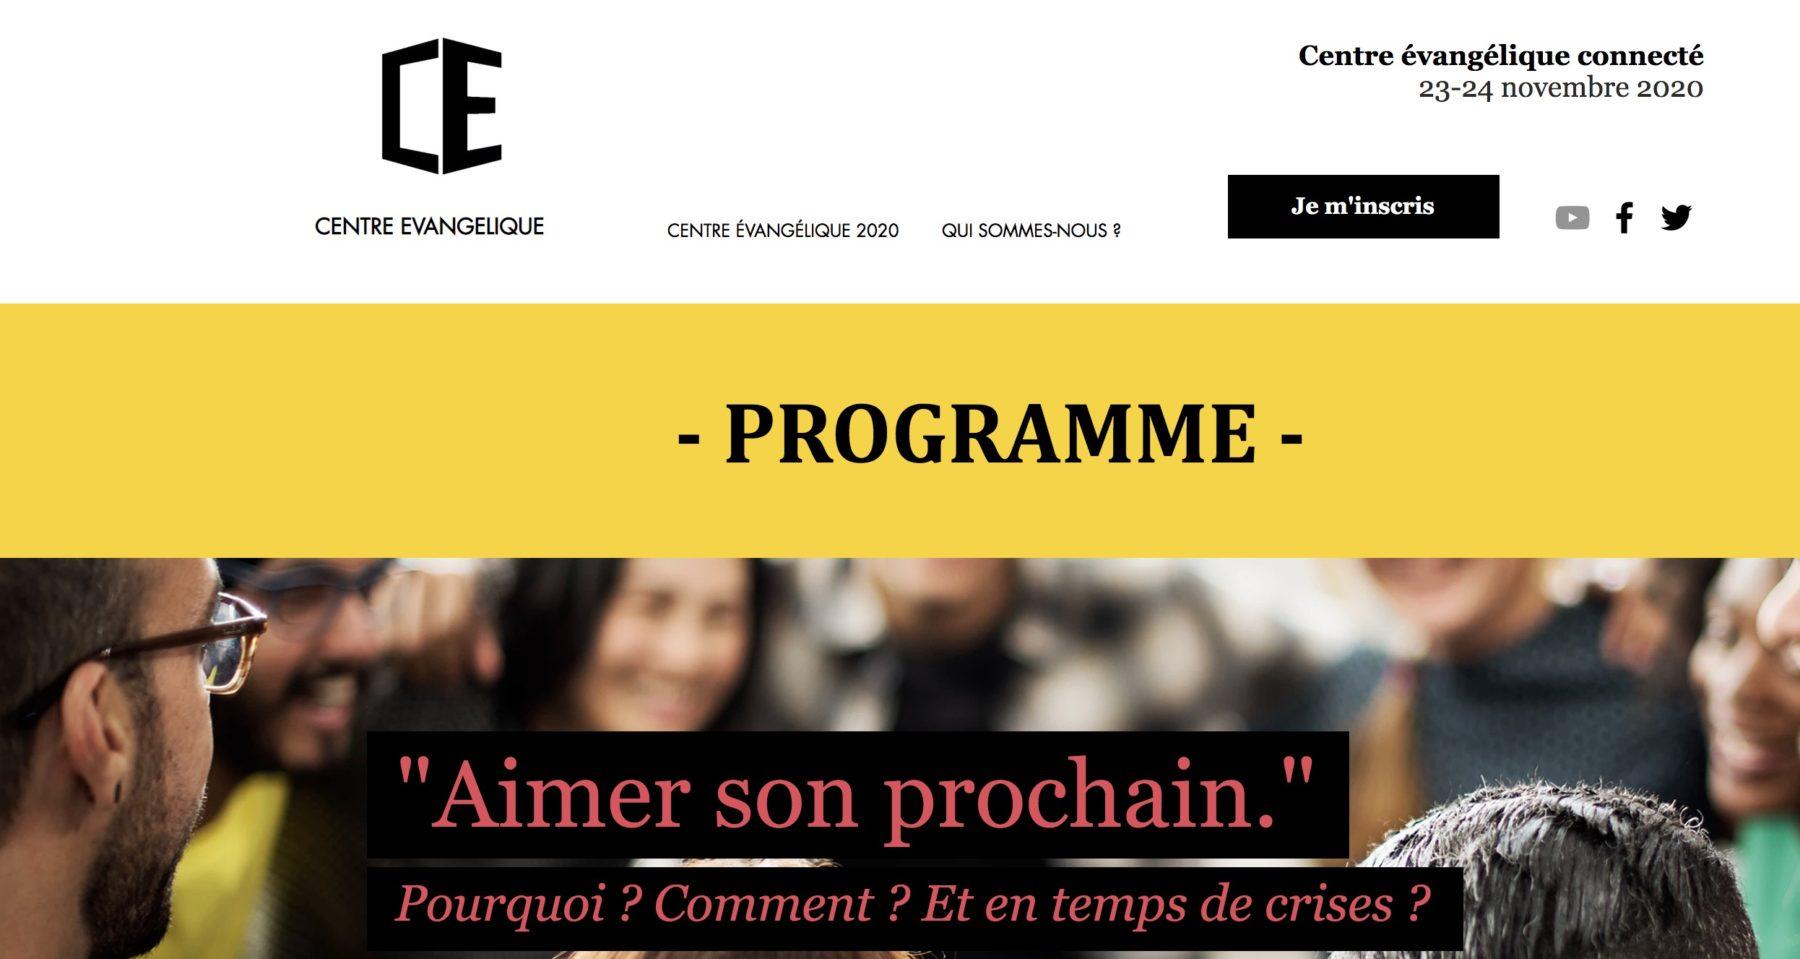 Site du centre évangélique édition 2020 sur l'amour du prochain